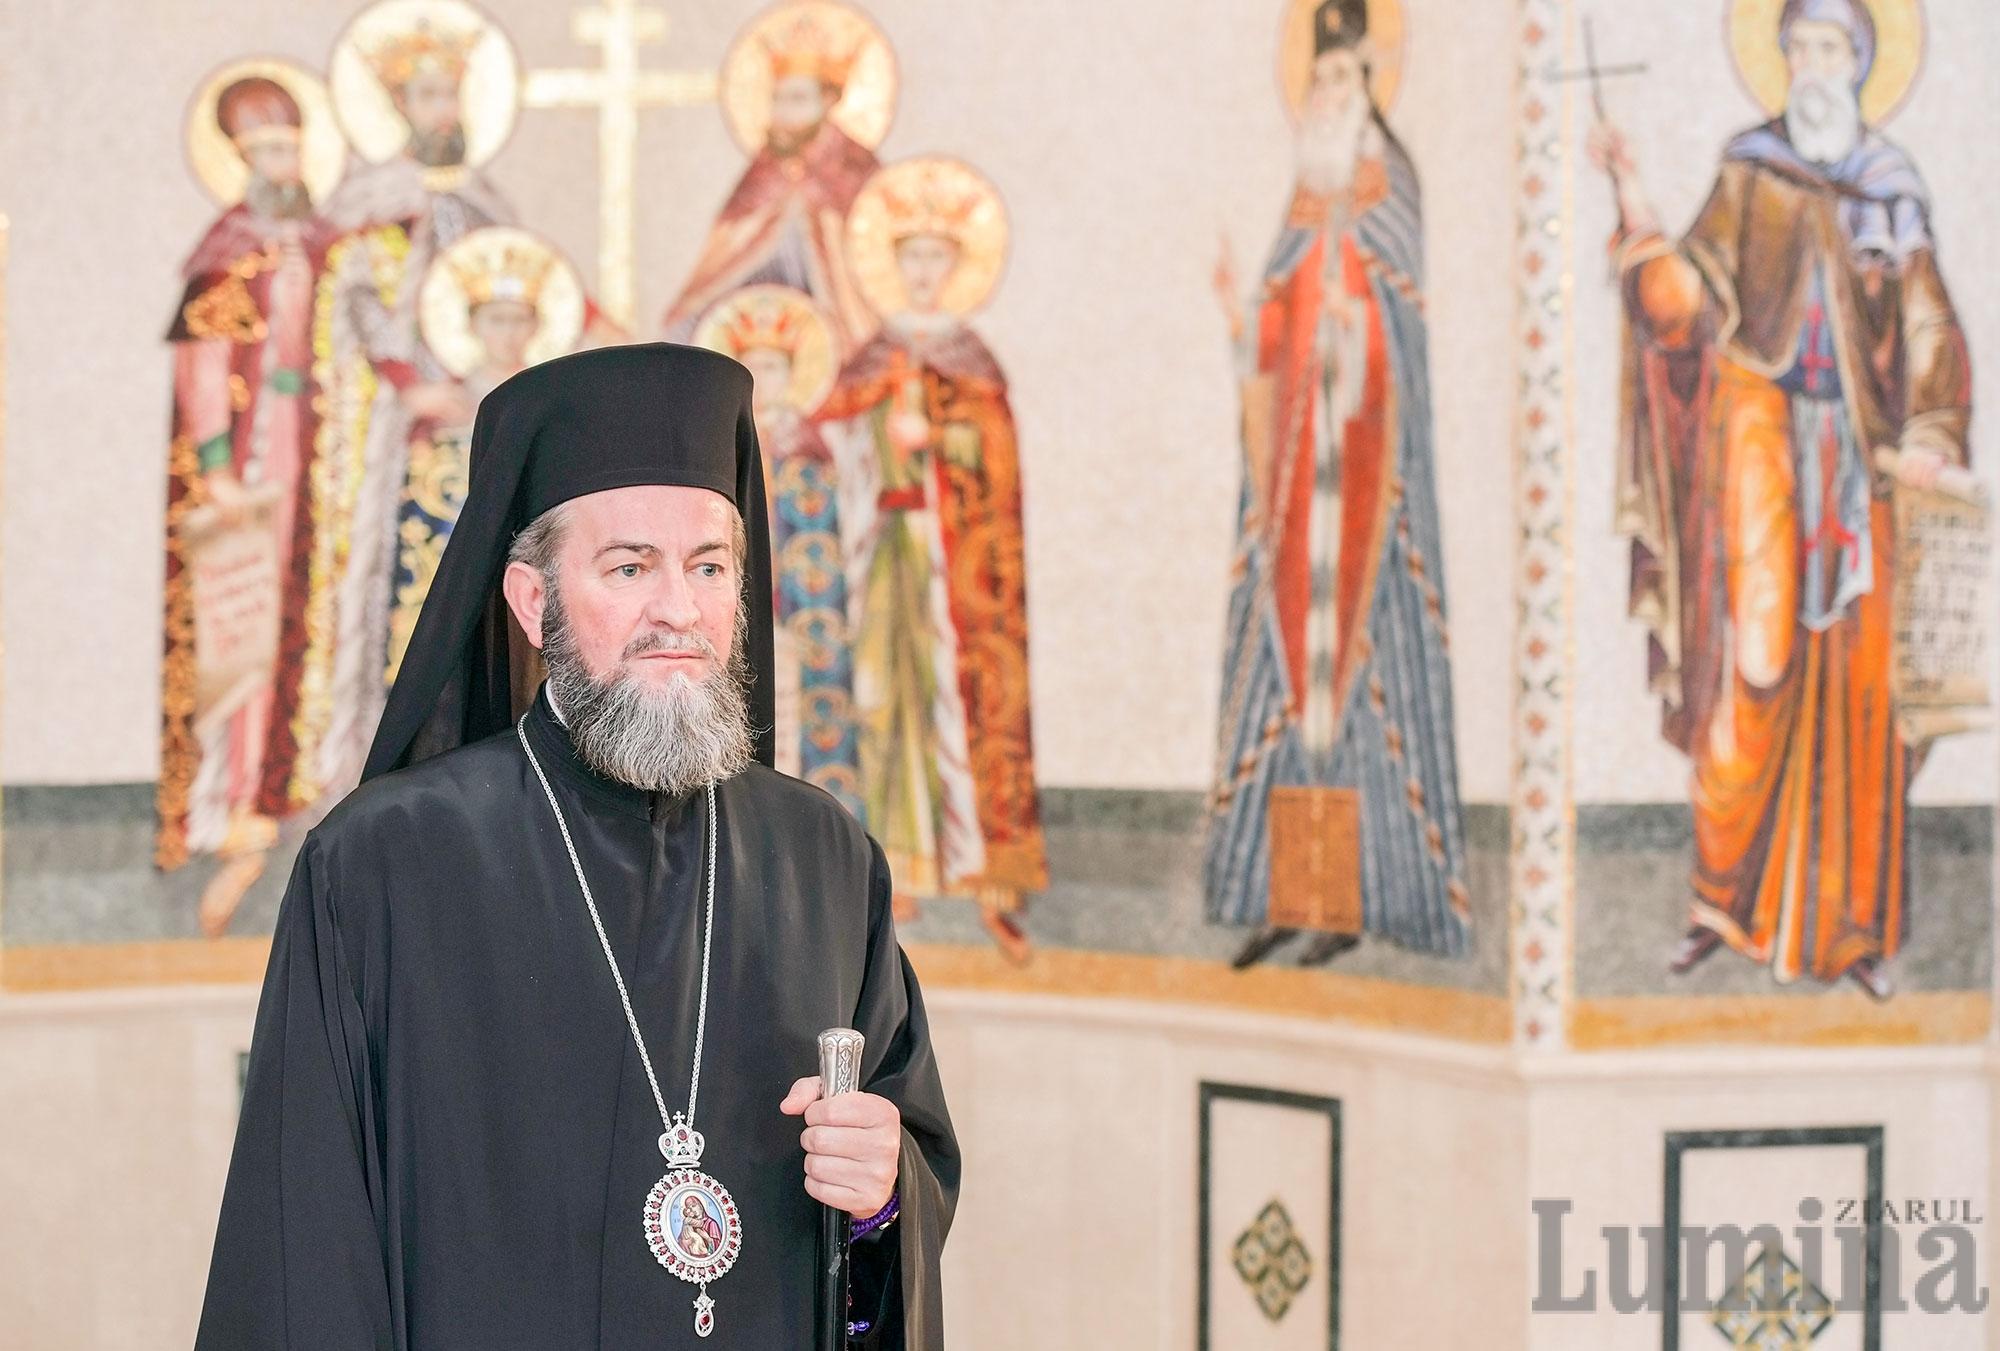 """STRIGĂTUL DISPERAT AL UNUI ARHIEREU CARE PLÂNGE DISPARIȚIA IMINENTĂ A NEAMULUI ROMÂNESC. România înlăcrimată își strigă fiii rătăcitori prin Pastorala dureroasă de Paști a Episcopului Maramureșului, PS IUSTIN: <i>""""Oare cum să ne rugăm și cât să stăm în genunchi în fața Mântuitorului Iisus Hristos ca SĂ ÎNVIEZE NEAMUL NOSTRU CARE SE STINGE PE ZI CE TRECE?!""""</i>"""